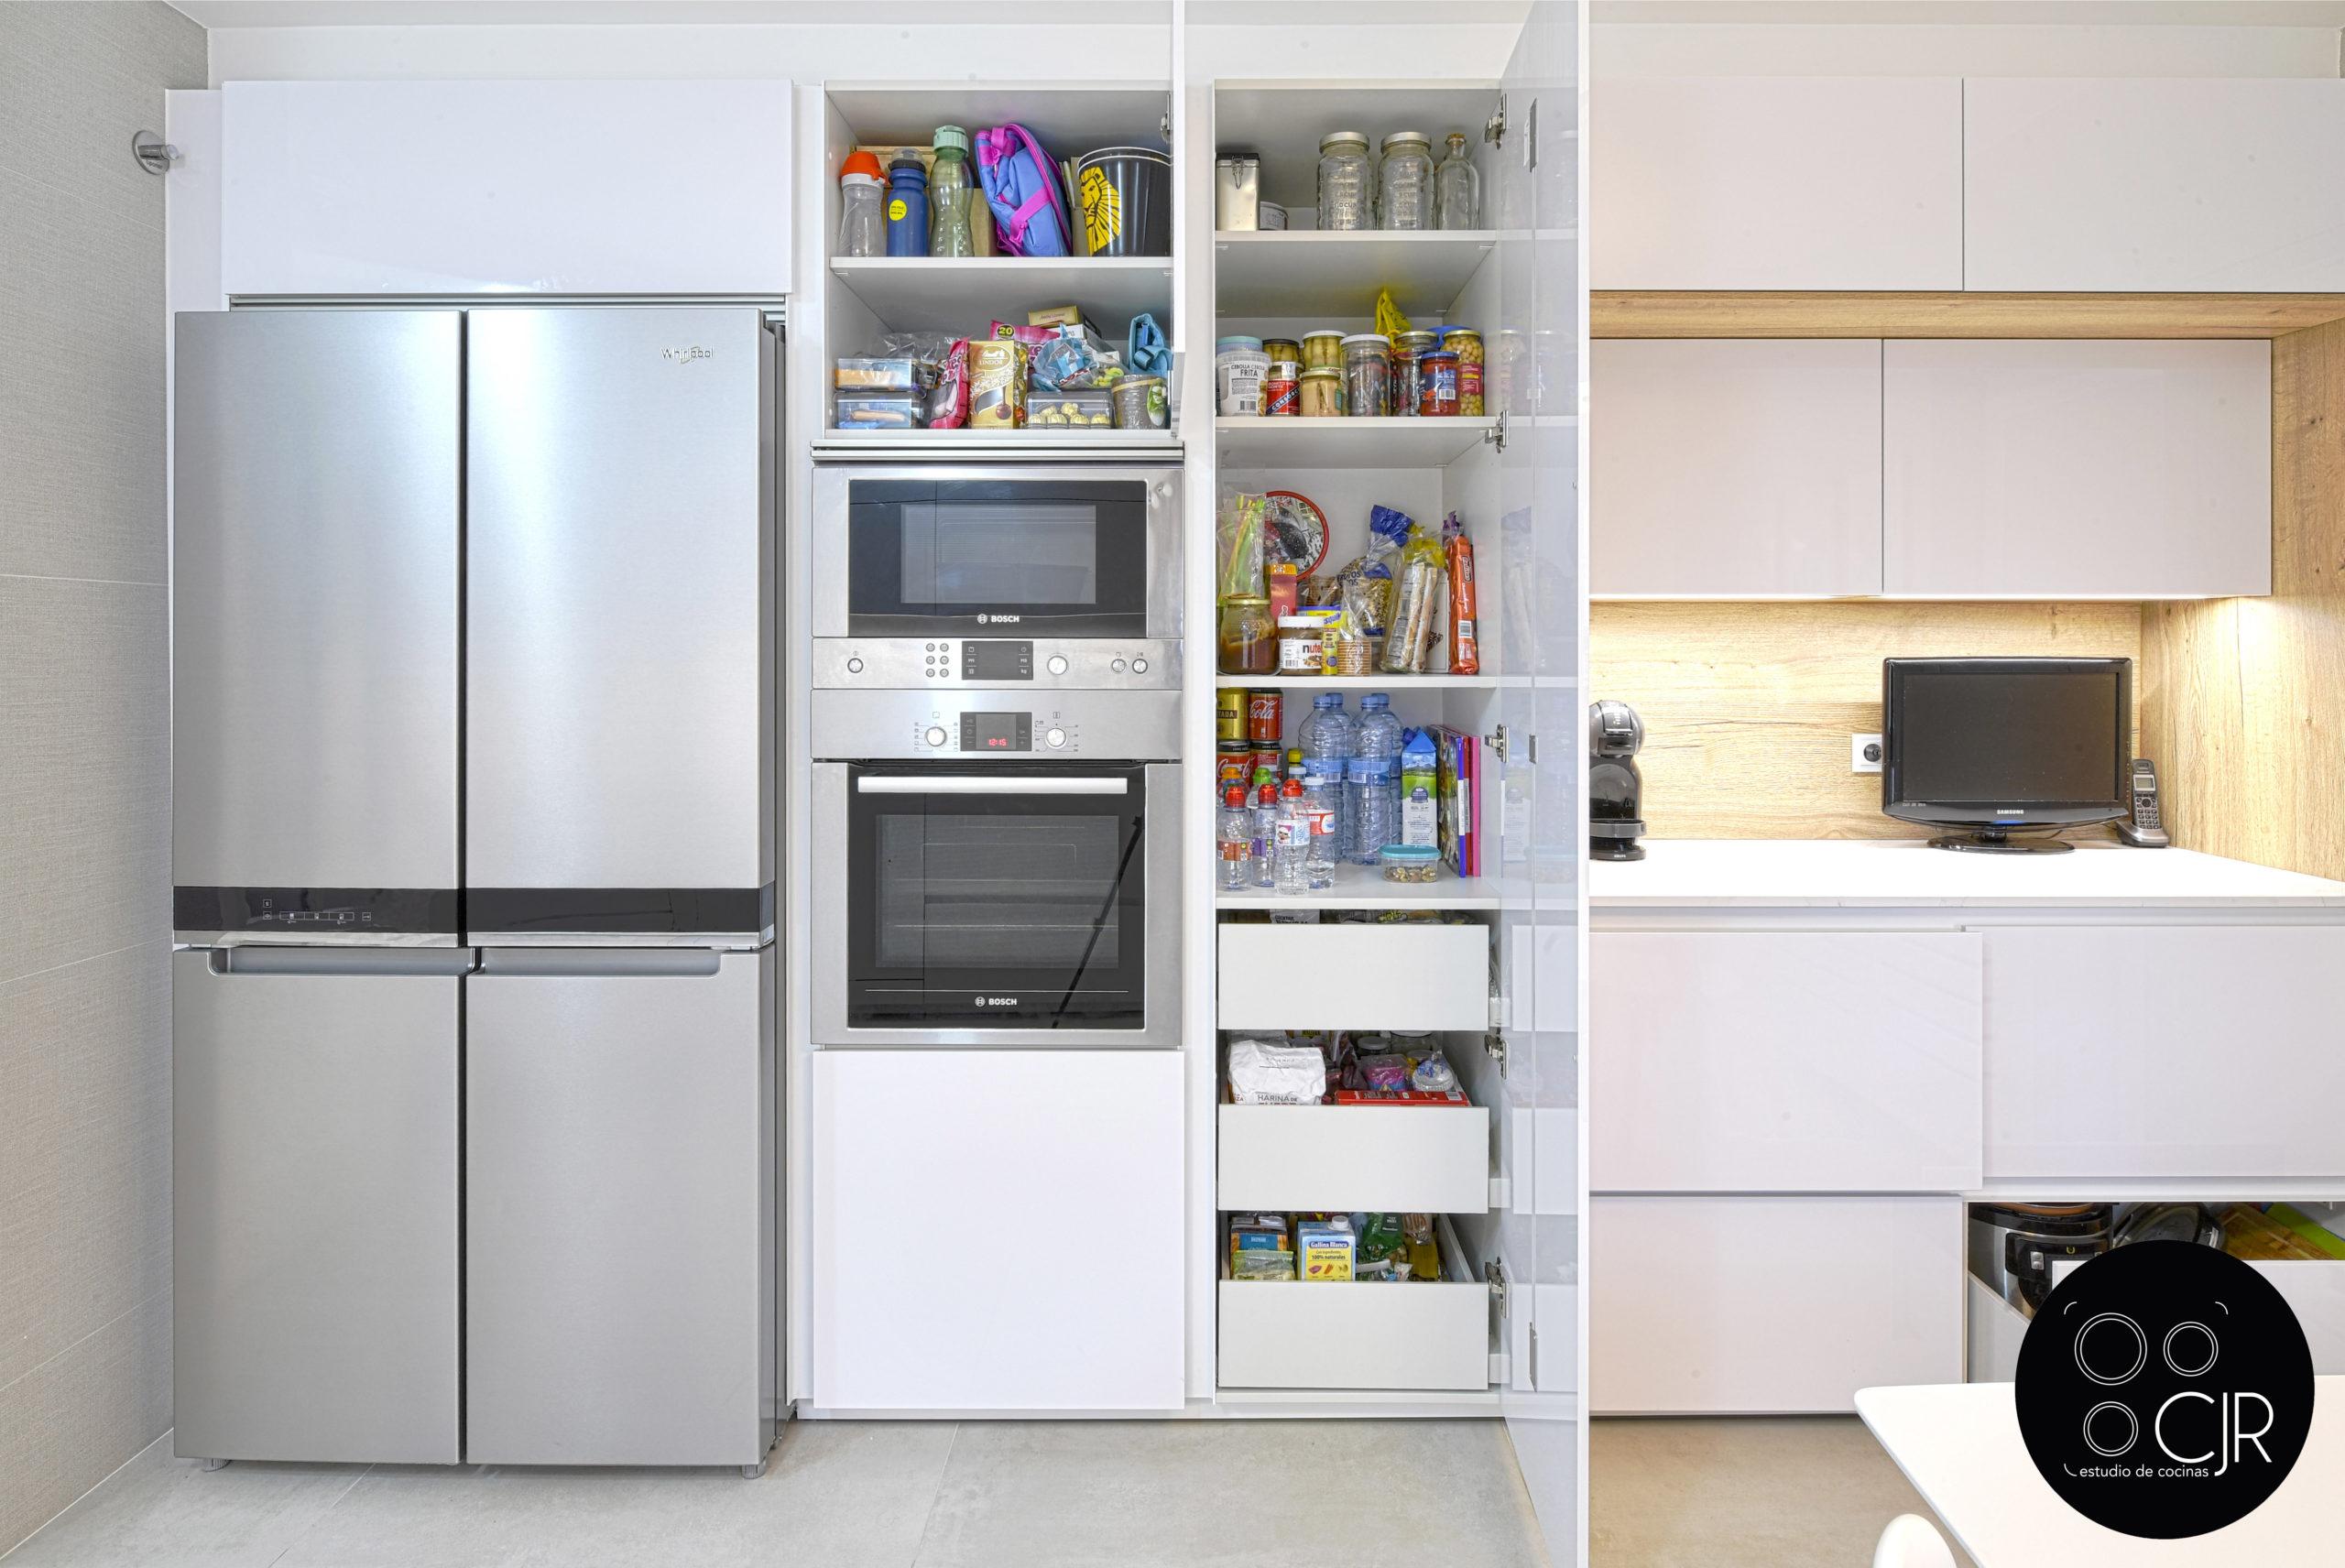 Zona de electrodomésticos y despensero cocina blanca y madera